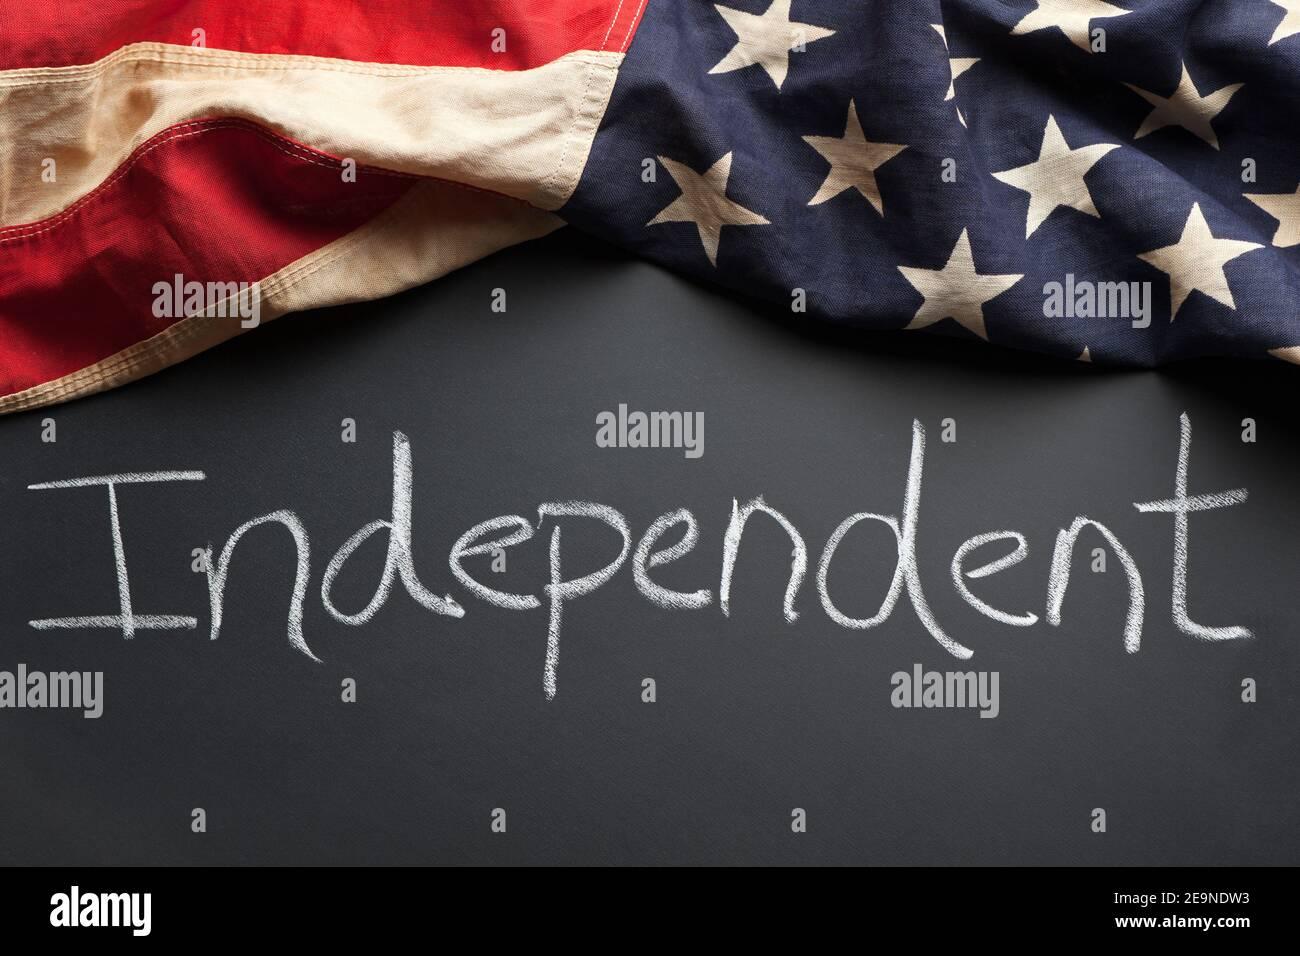 Signe de parti politique indépendant écrit sur un tableau noir avec vintage Drapeau américain Banque D'Images